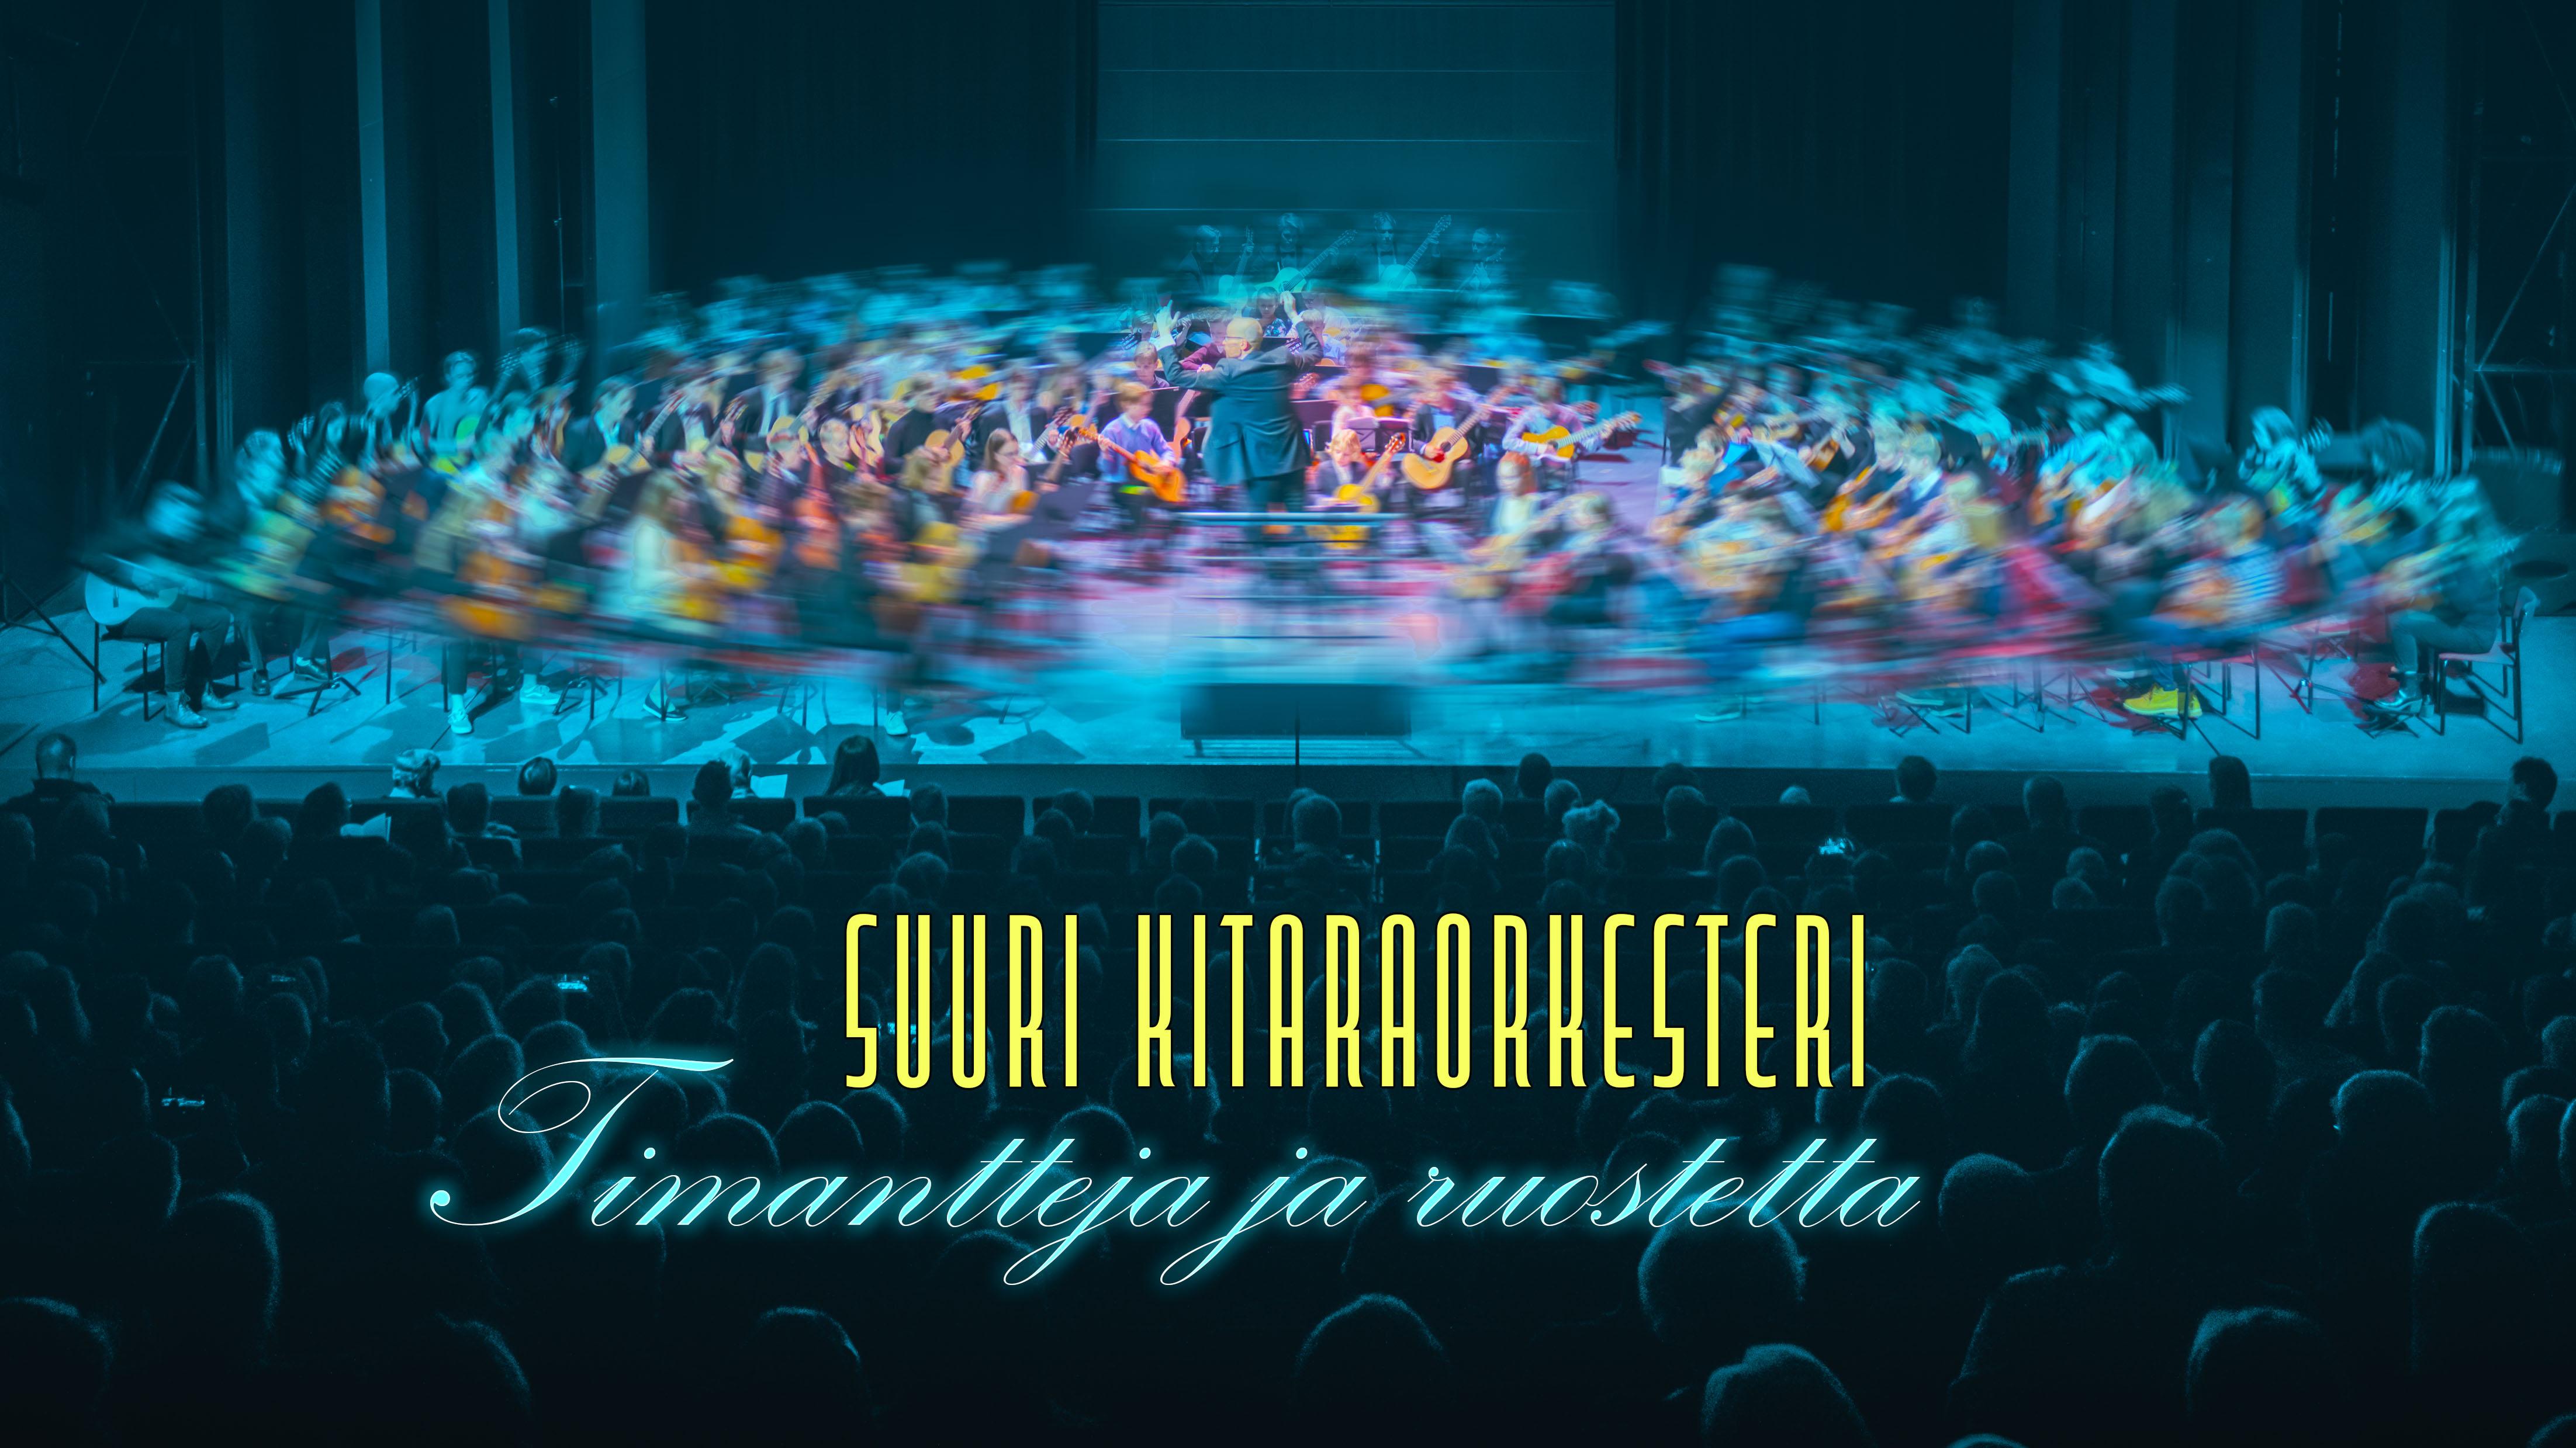 Turun konservatorion ja musiikkiopiston suuren kitaraorkesterin mainosjulisteessa yli sata soittajaa ja täysi Sigyn-sali